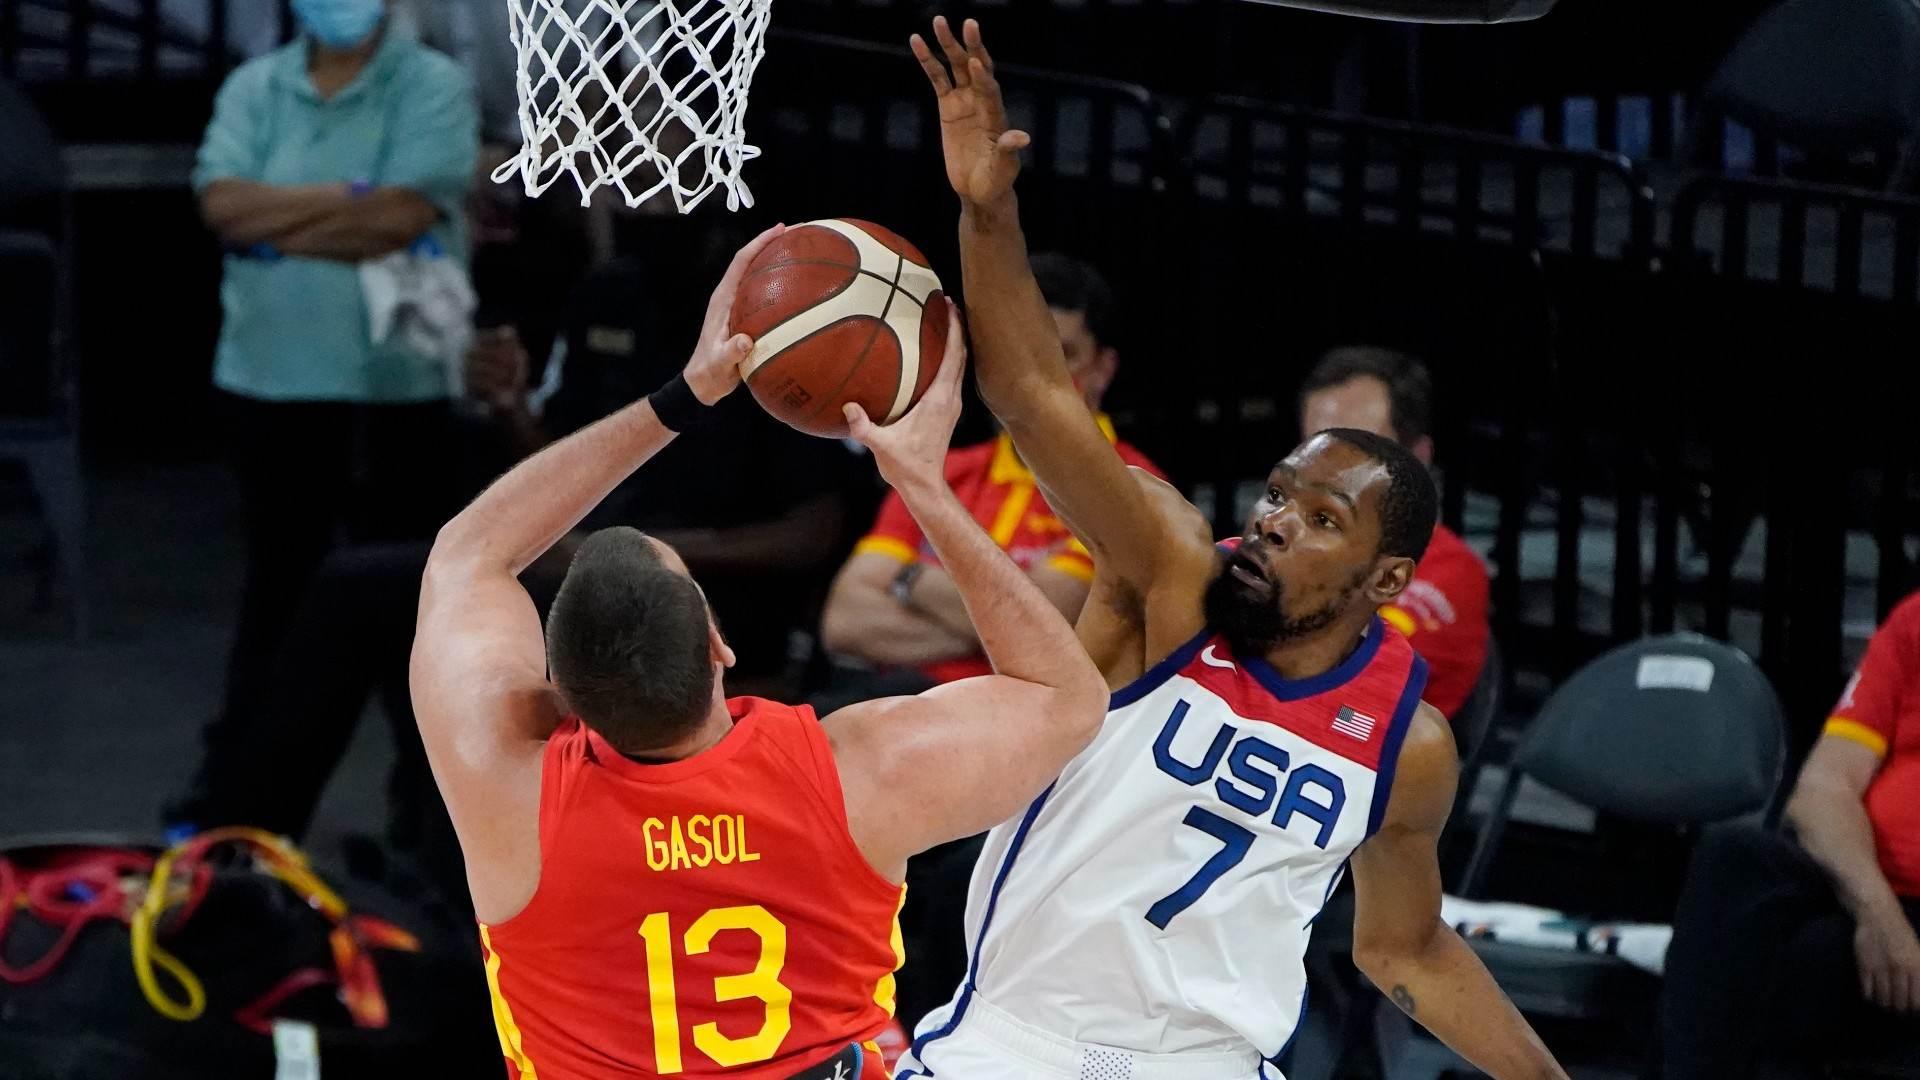 Espanha, de Marc Gasol, é séria candidata a incomodar Dream Team dos EUA em 2021